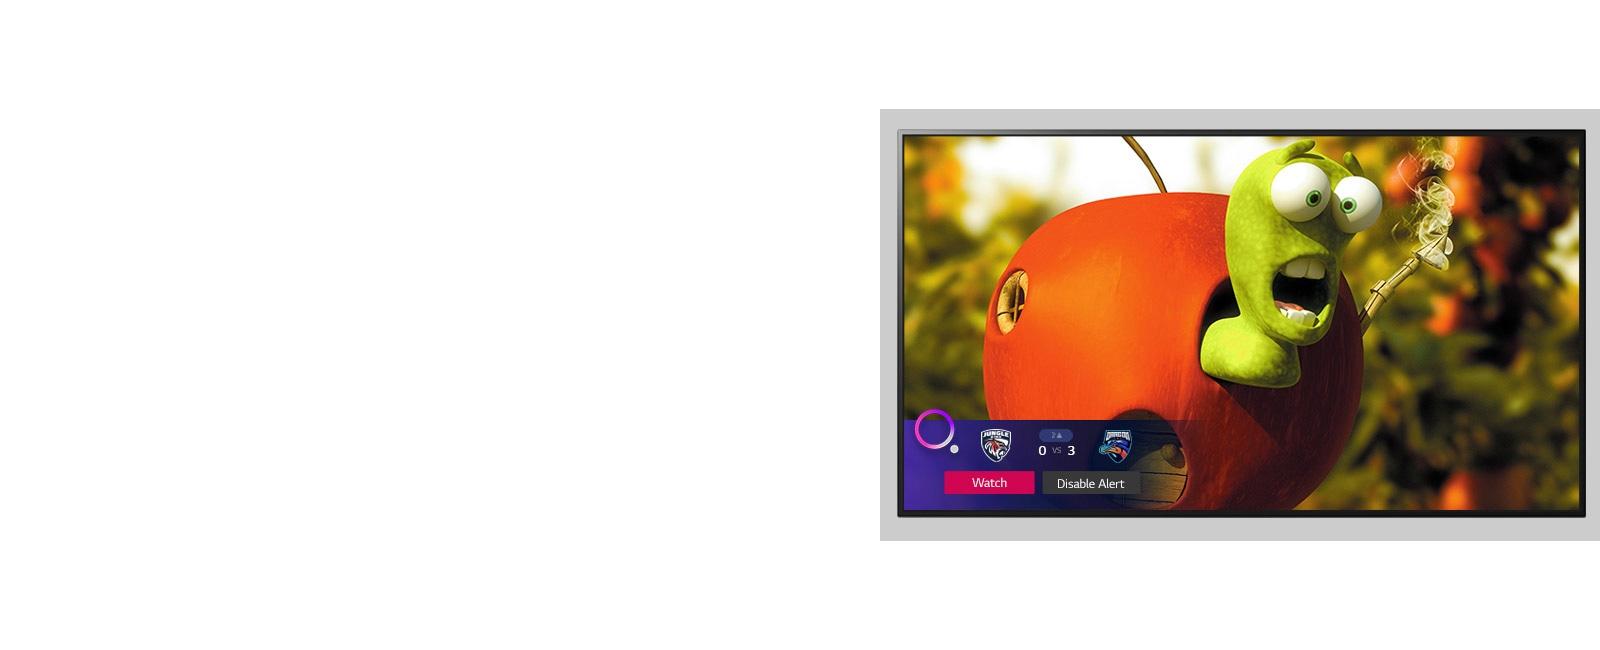 LG 49UN71006LB Ekranın alt kısmında animasyon çizgi film karakteri ve Spor uyarısı gösteren TV.